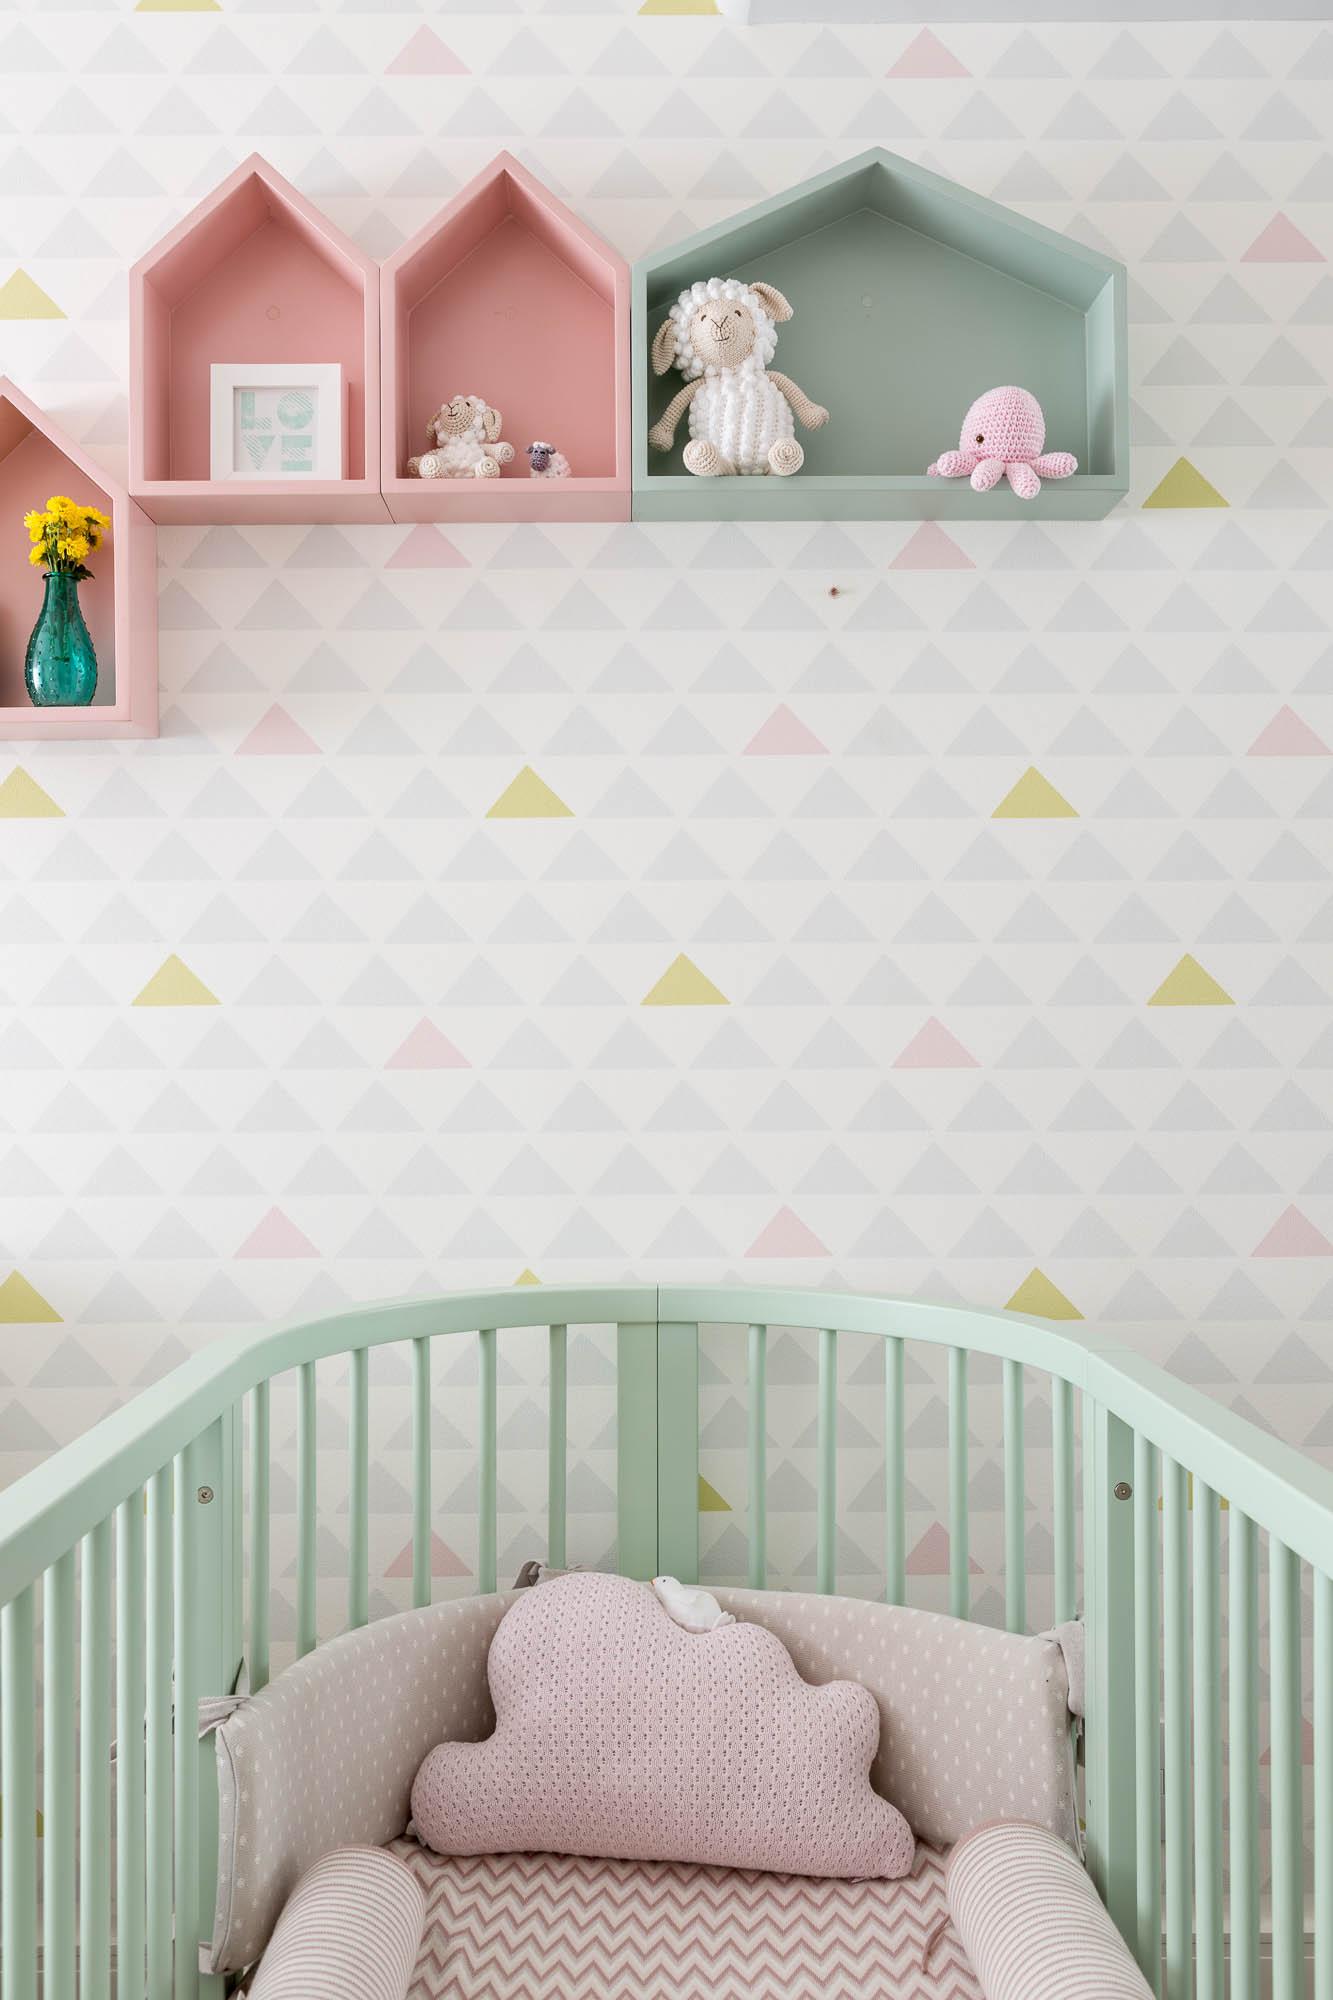 Quarto De Menina 5 Temas Para Decora O ~ Como Decorar Quarto De Bebe Menina